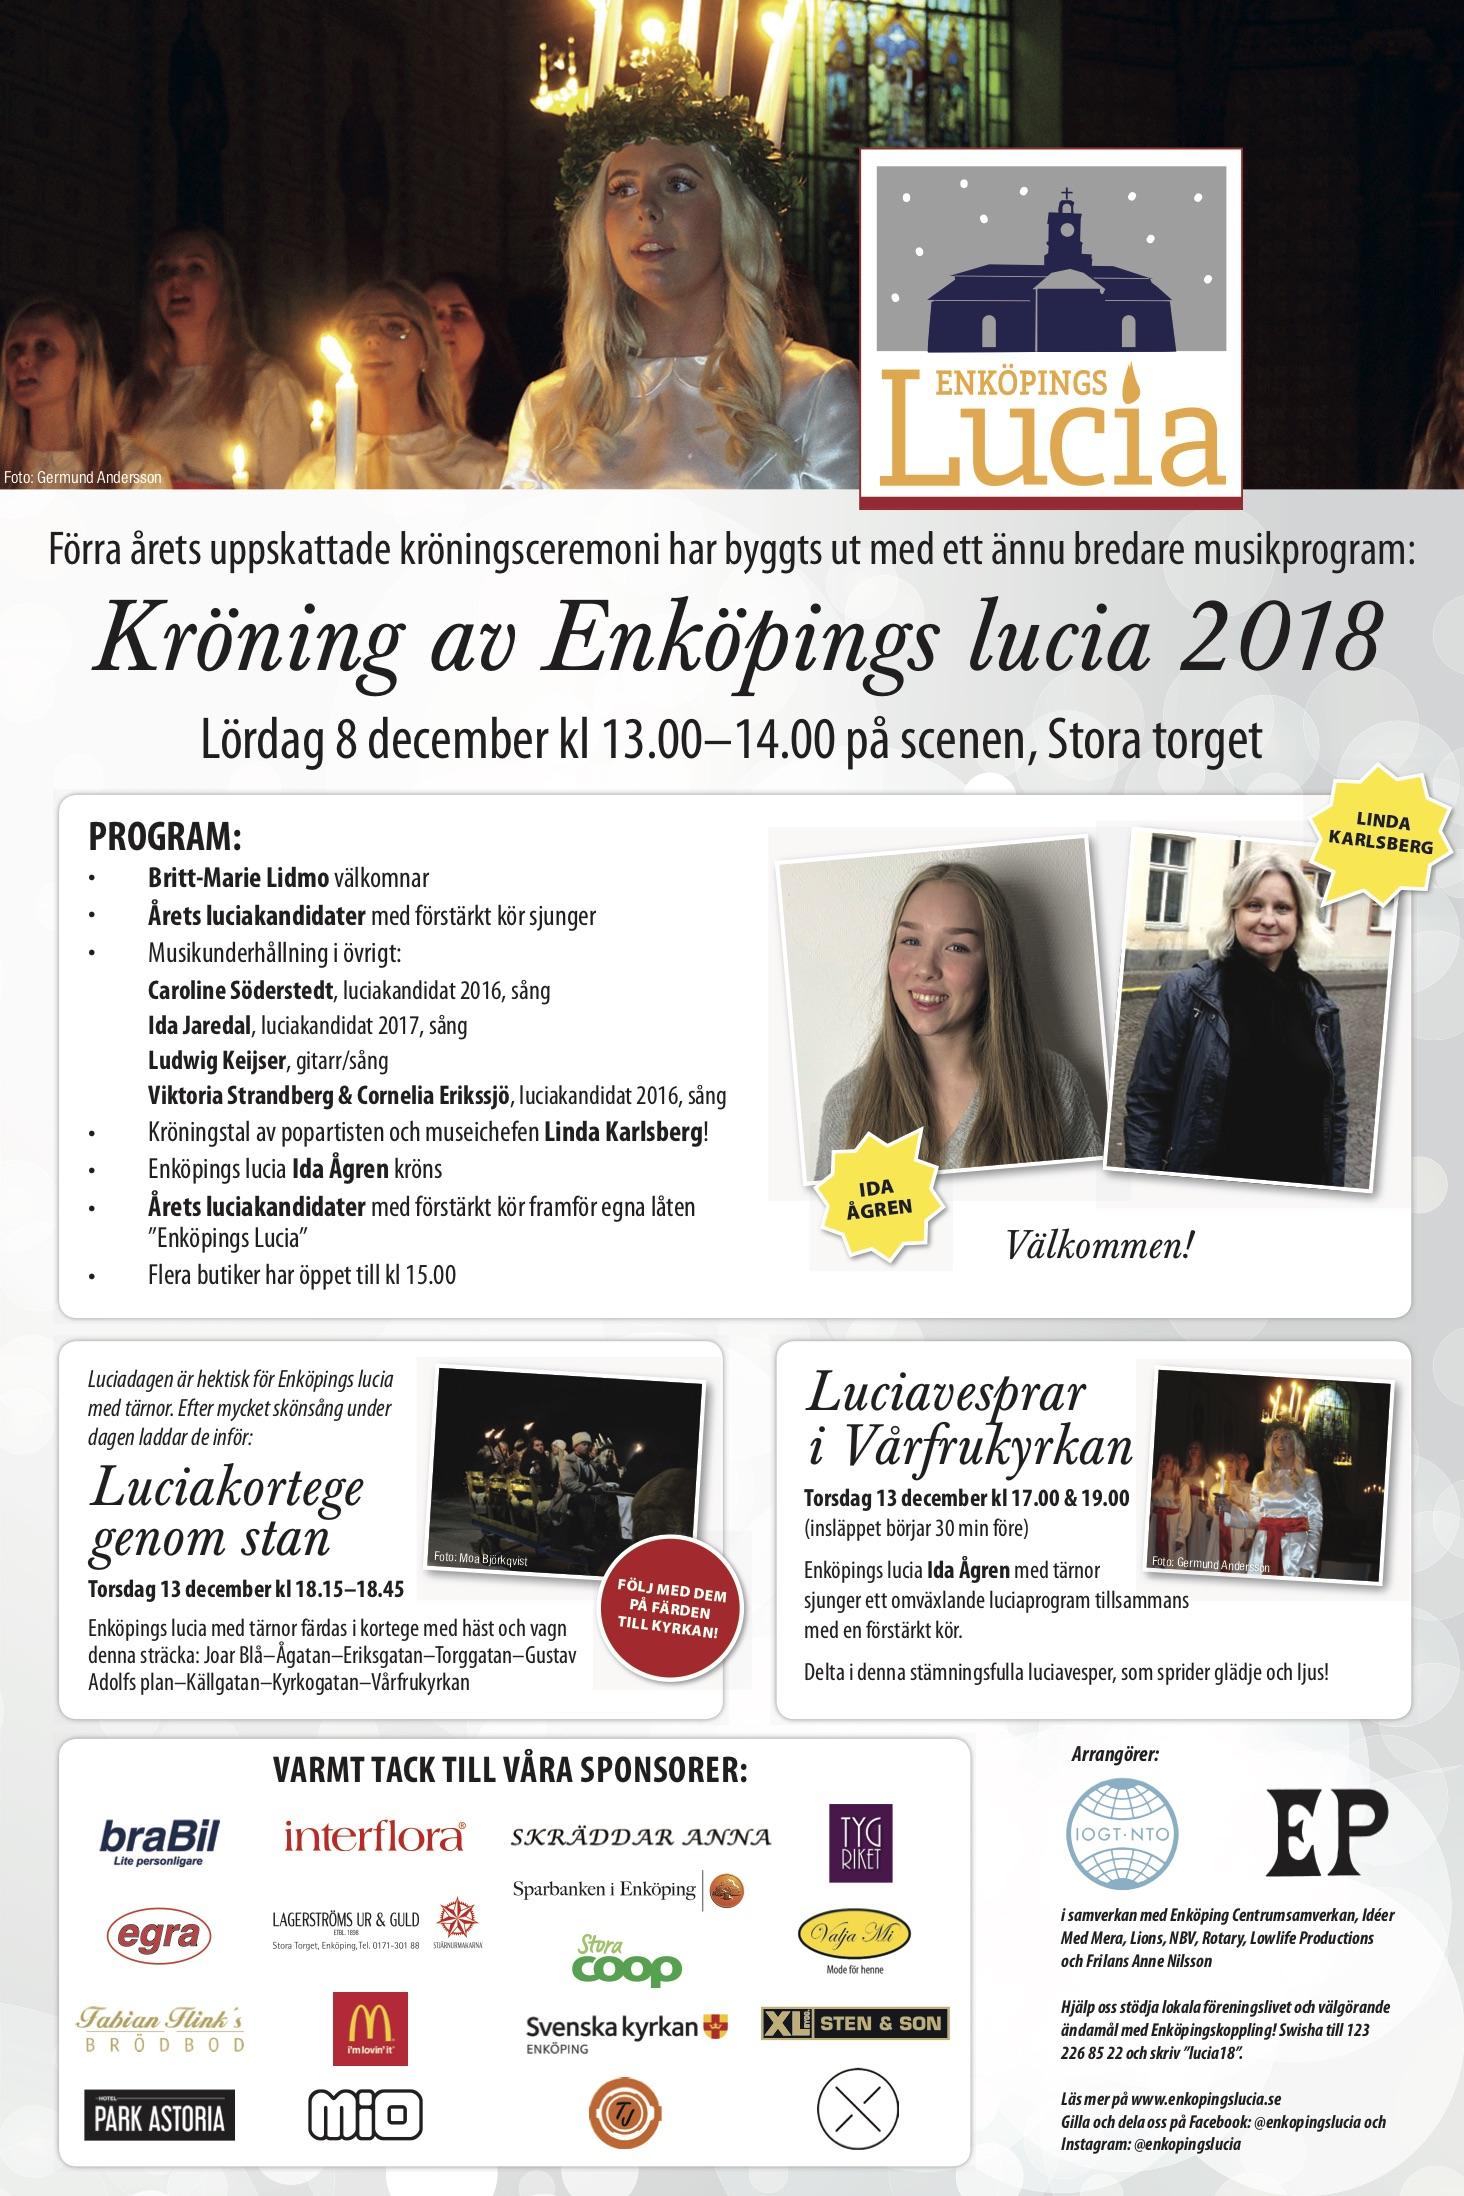 Annons om Enköpings Lucia 2018 i Enköpings-Posten.